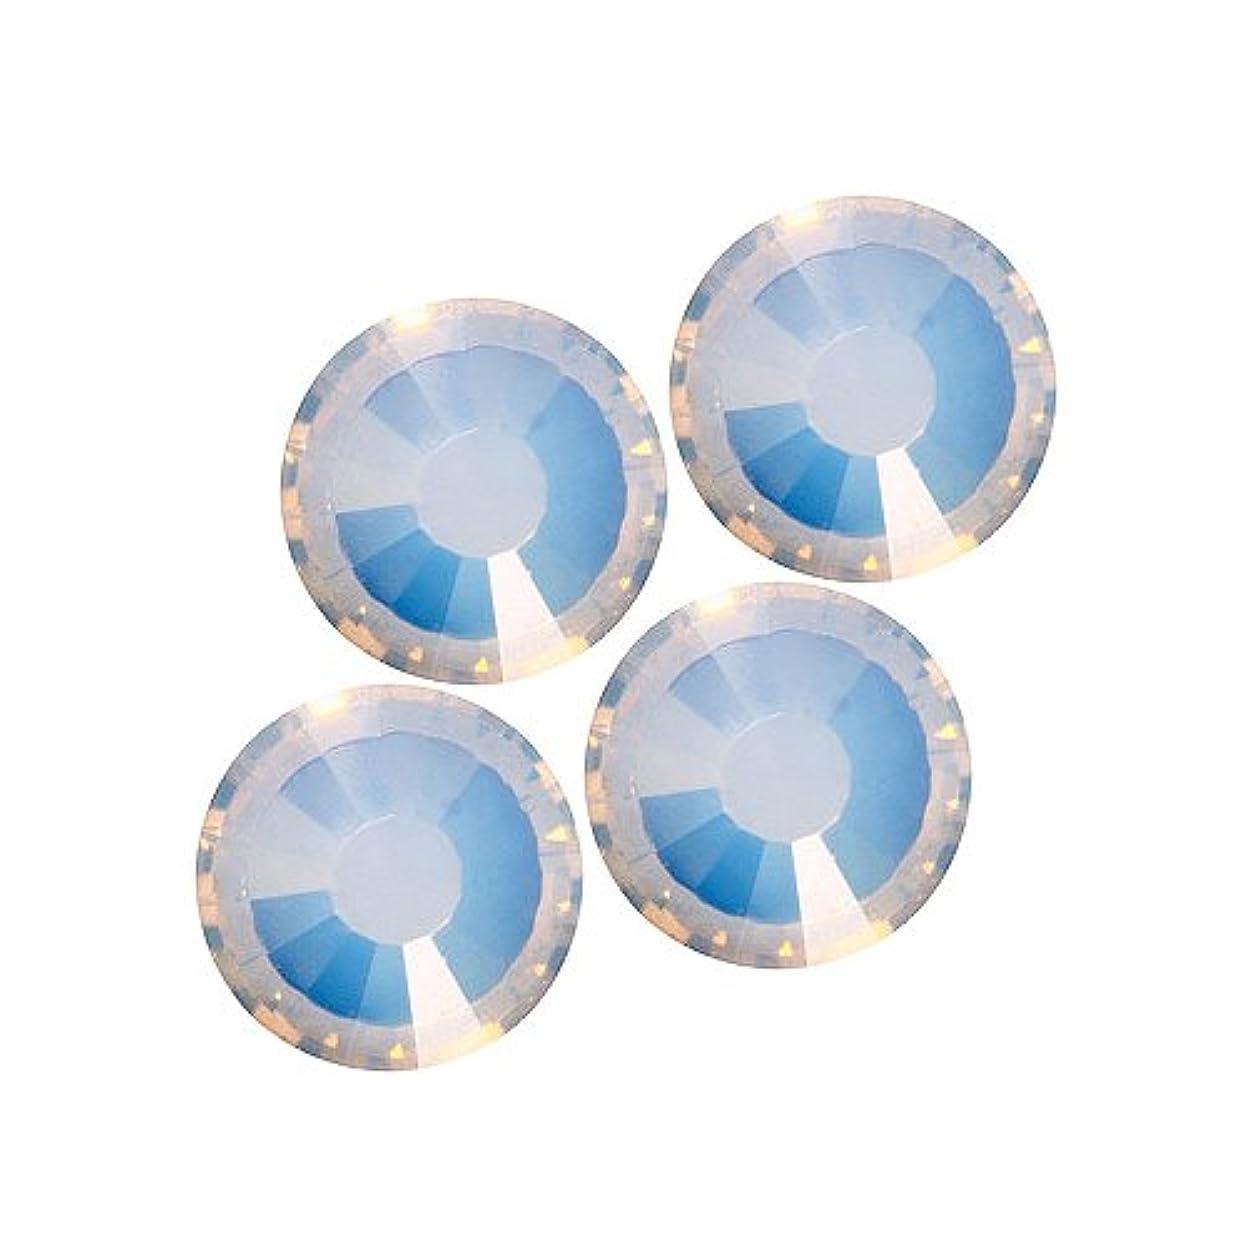 効率的皮肉するバイナル DIAMOND RHINESTONE ホワイトオパールSS8 1440粒 ST-SS8-WHO-10G